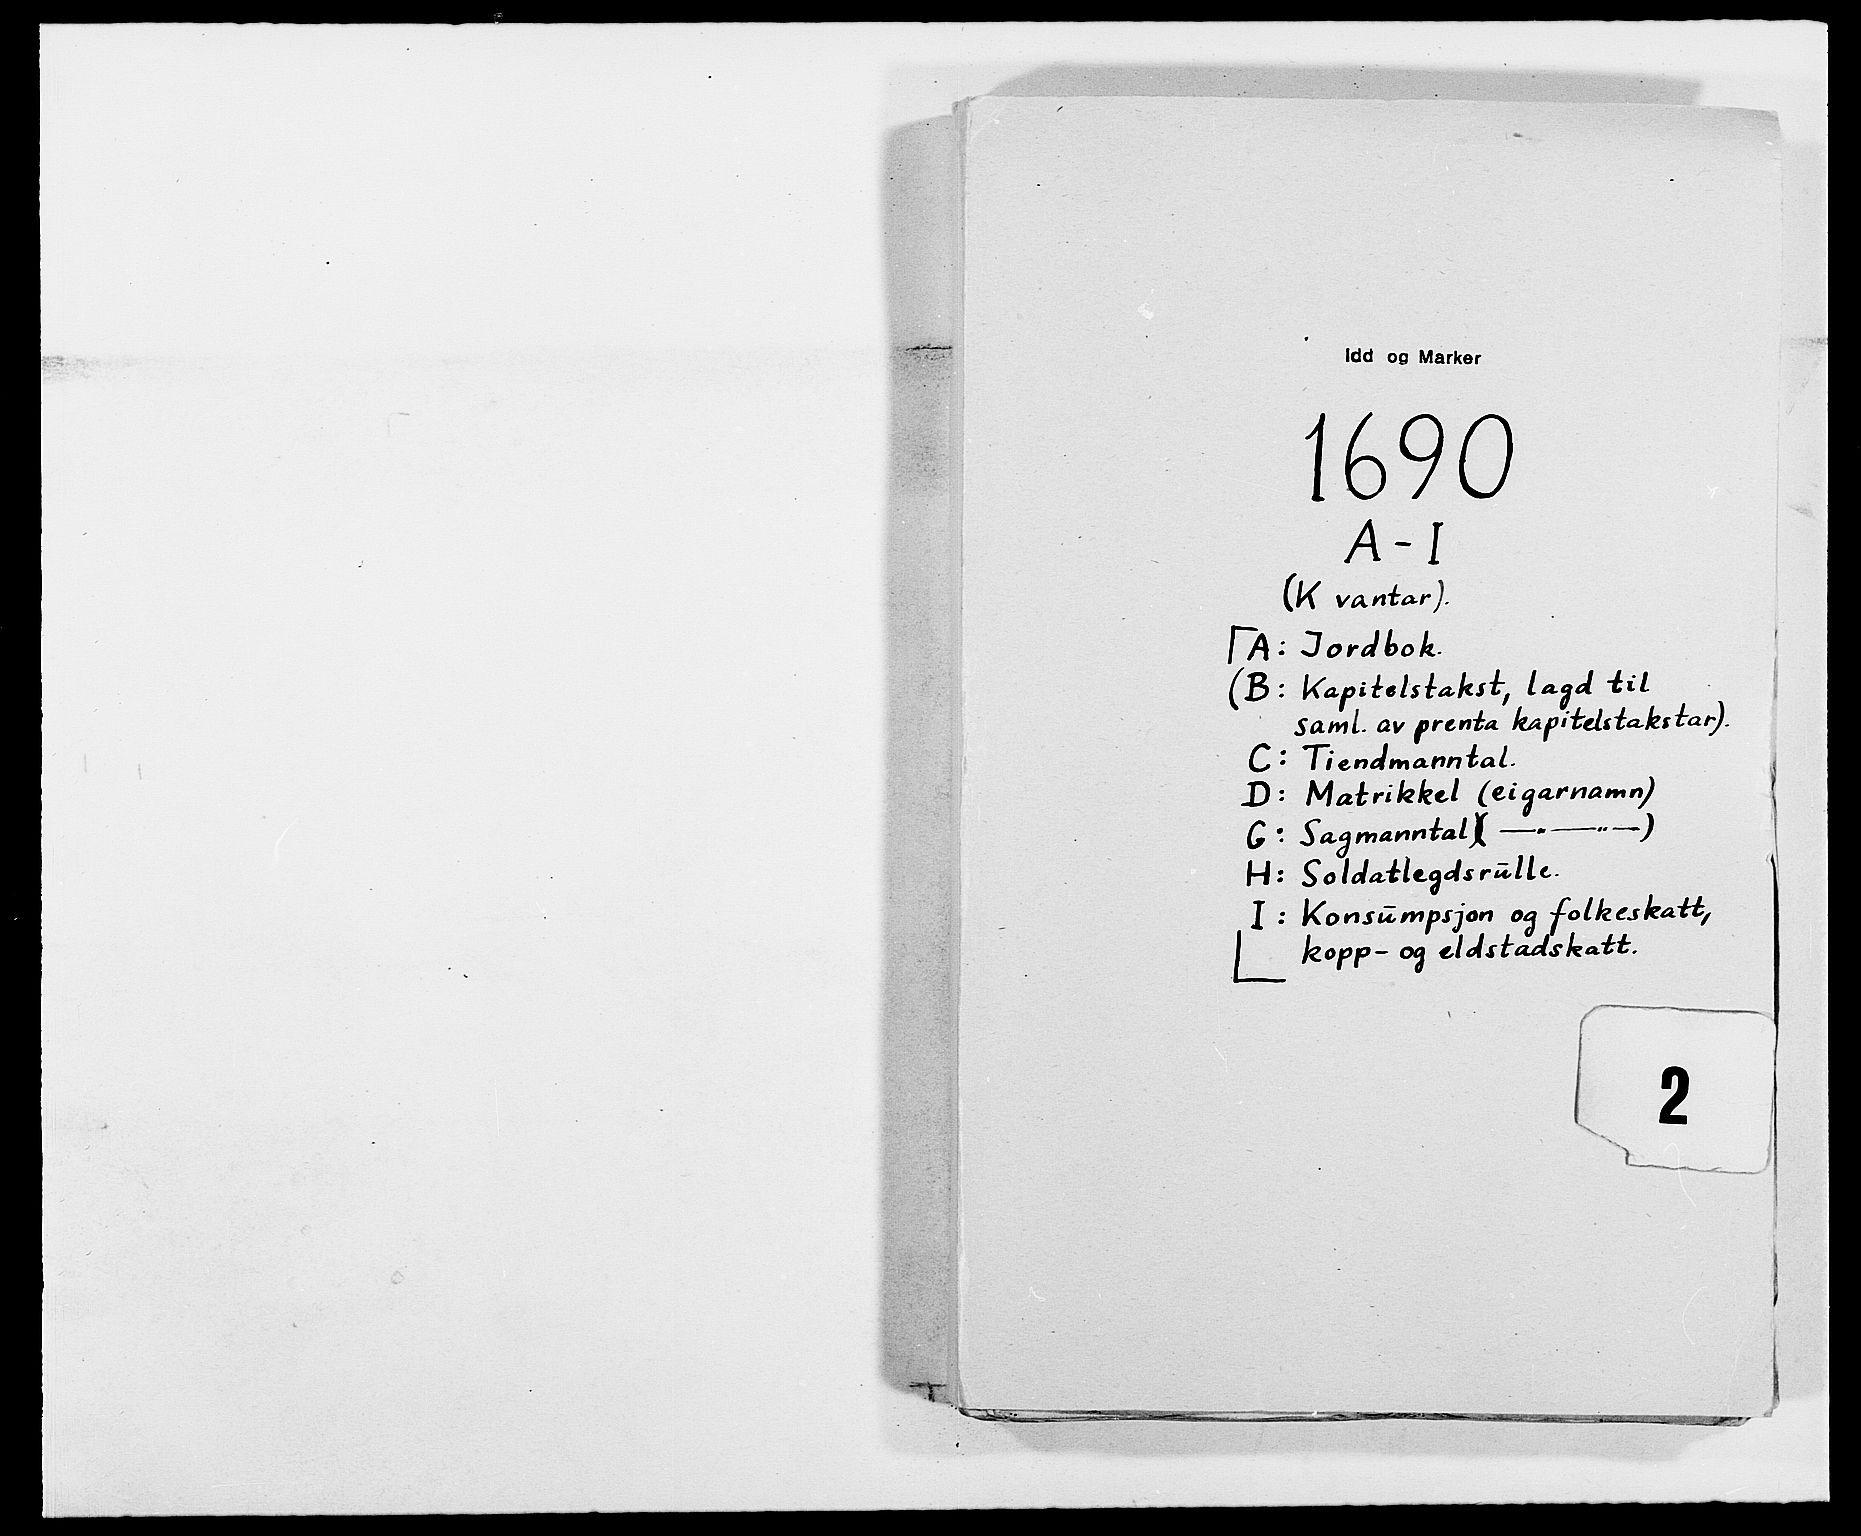 RA, Rentekammeret inntil 1814, Reviderte regnskaper, Fogderegnskap, R01/L0010: Fogderegnskap Idd og Marker, 1690-1691, p. 166